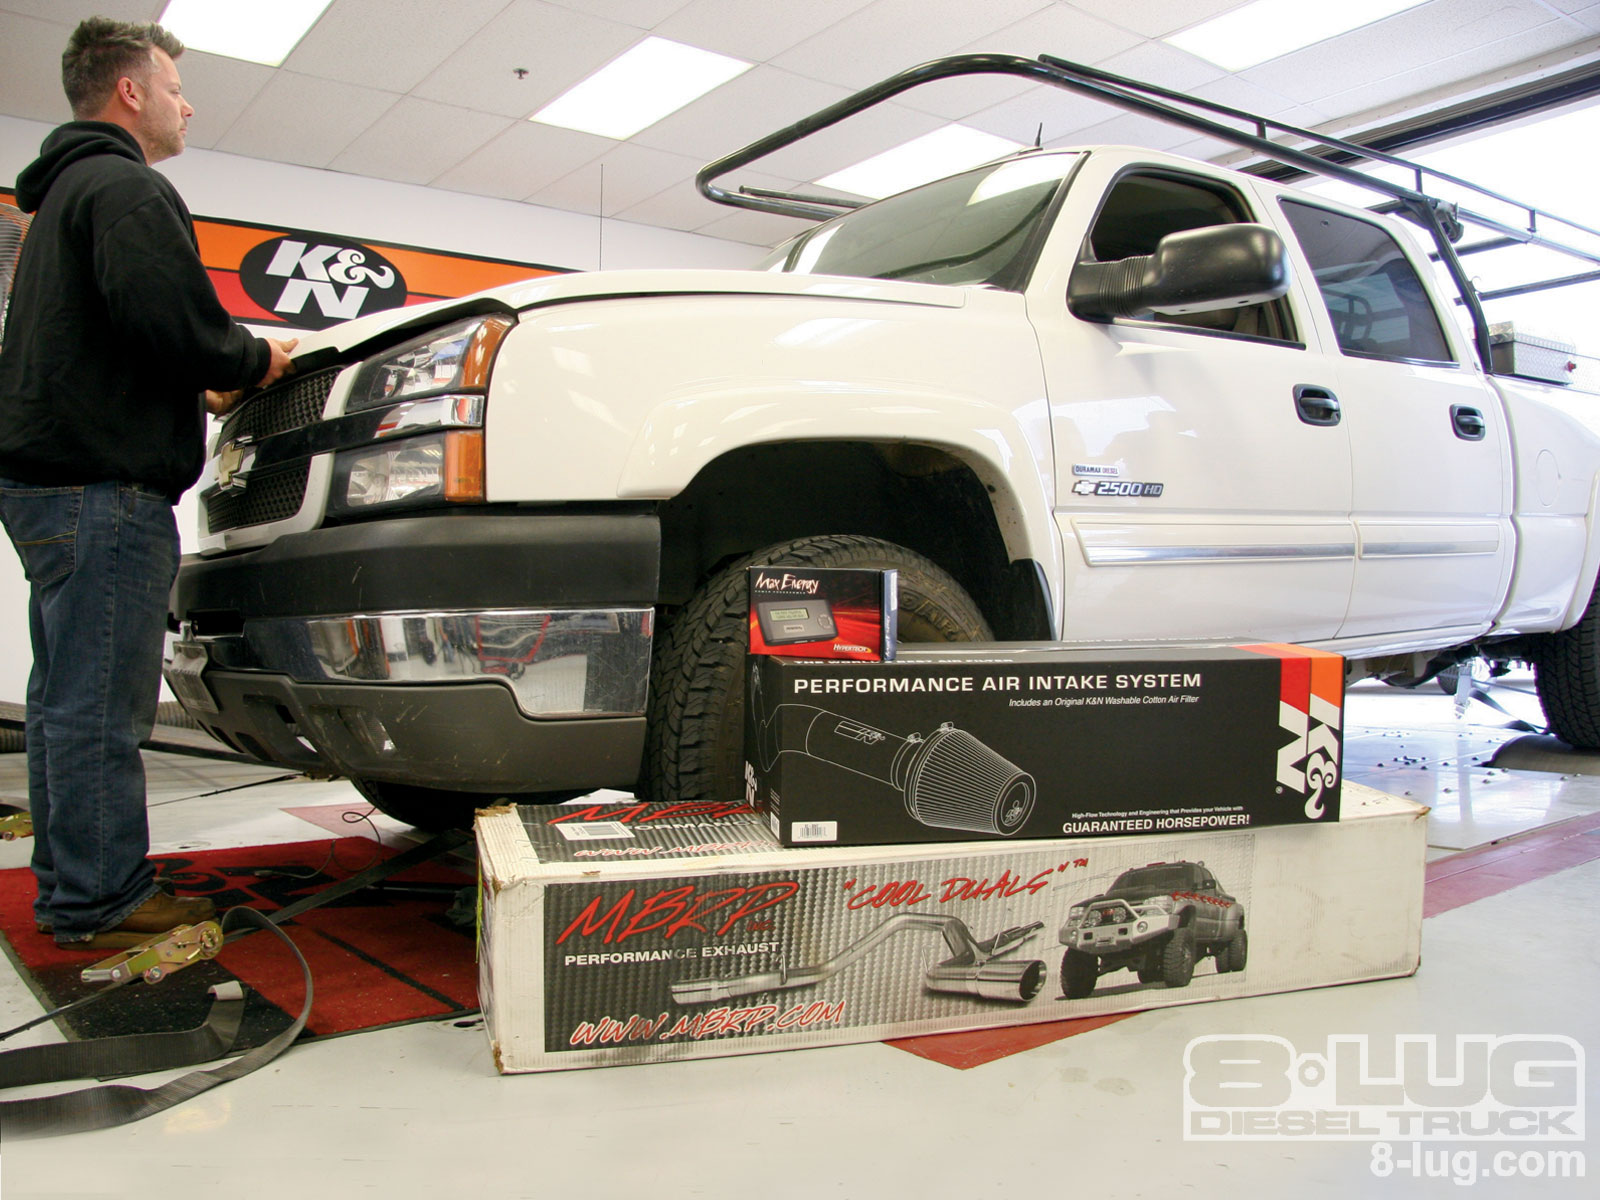 diesel truck exhaust intake programmer 2004 chevy duramax 8 lug magazine